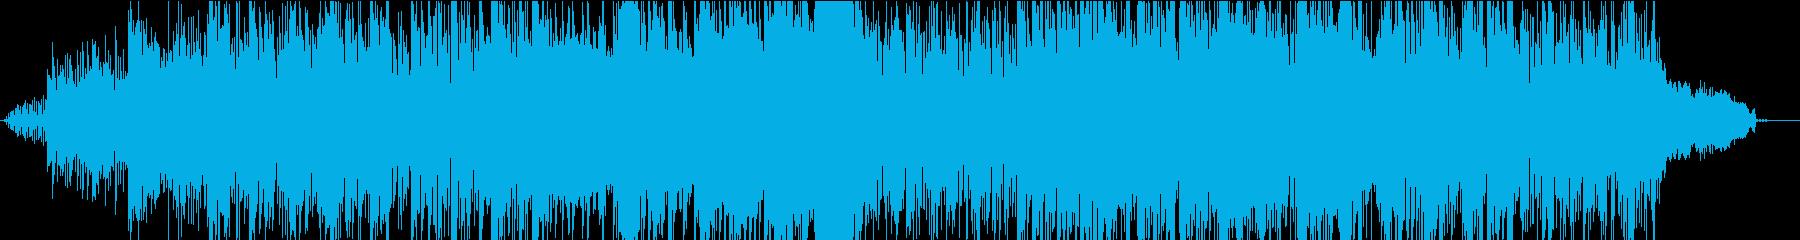 ワイルド 楽しい ゲーム ポップの再生済みの波形